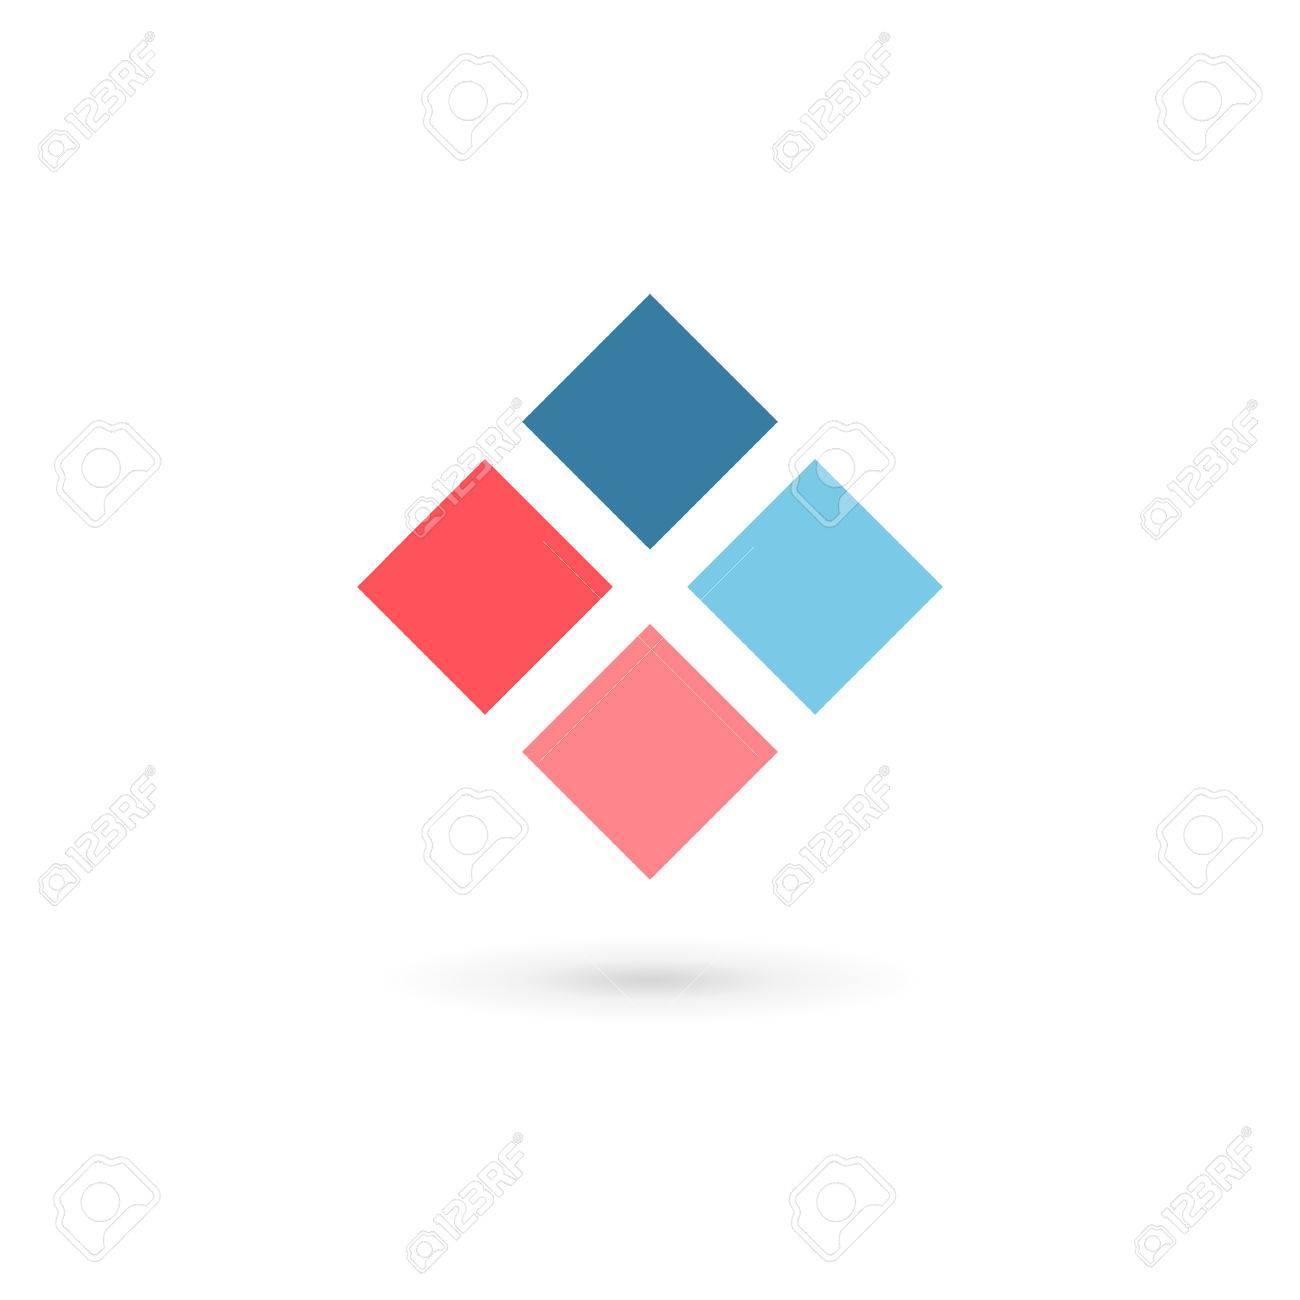 Carta X Elementos De Plantilla Logo Icono Del Diseño Ilustraciones ...